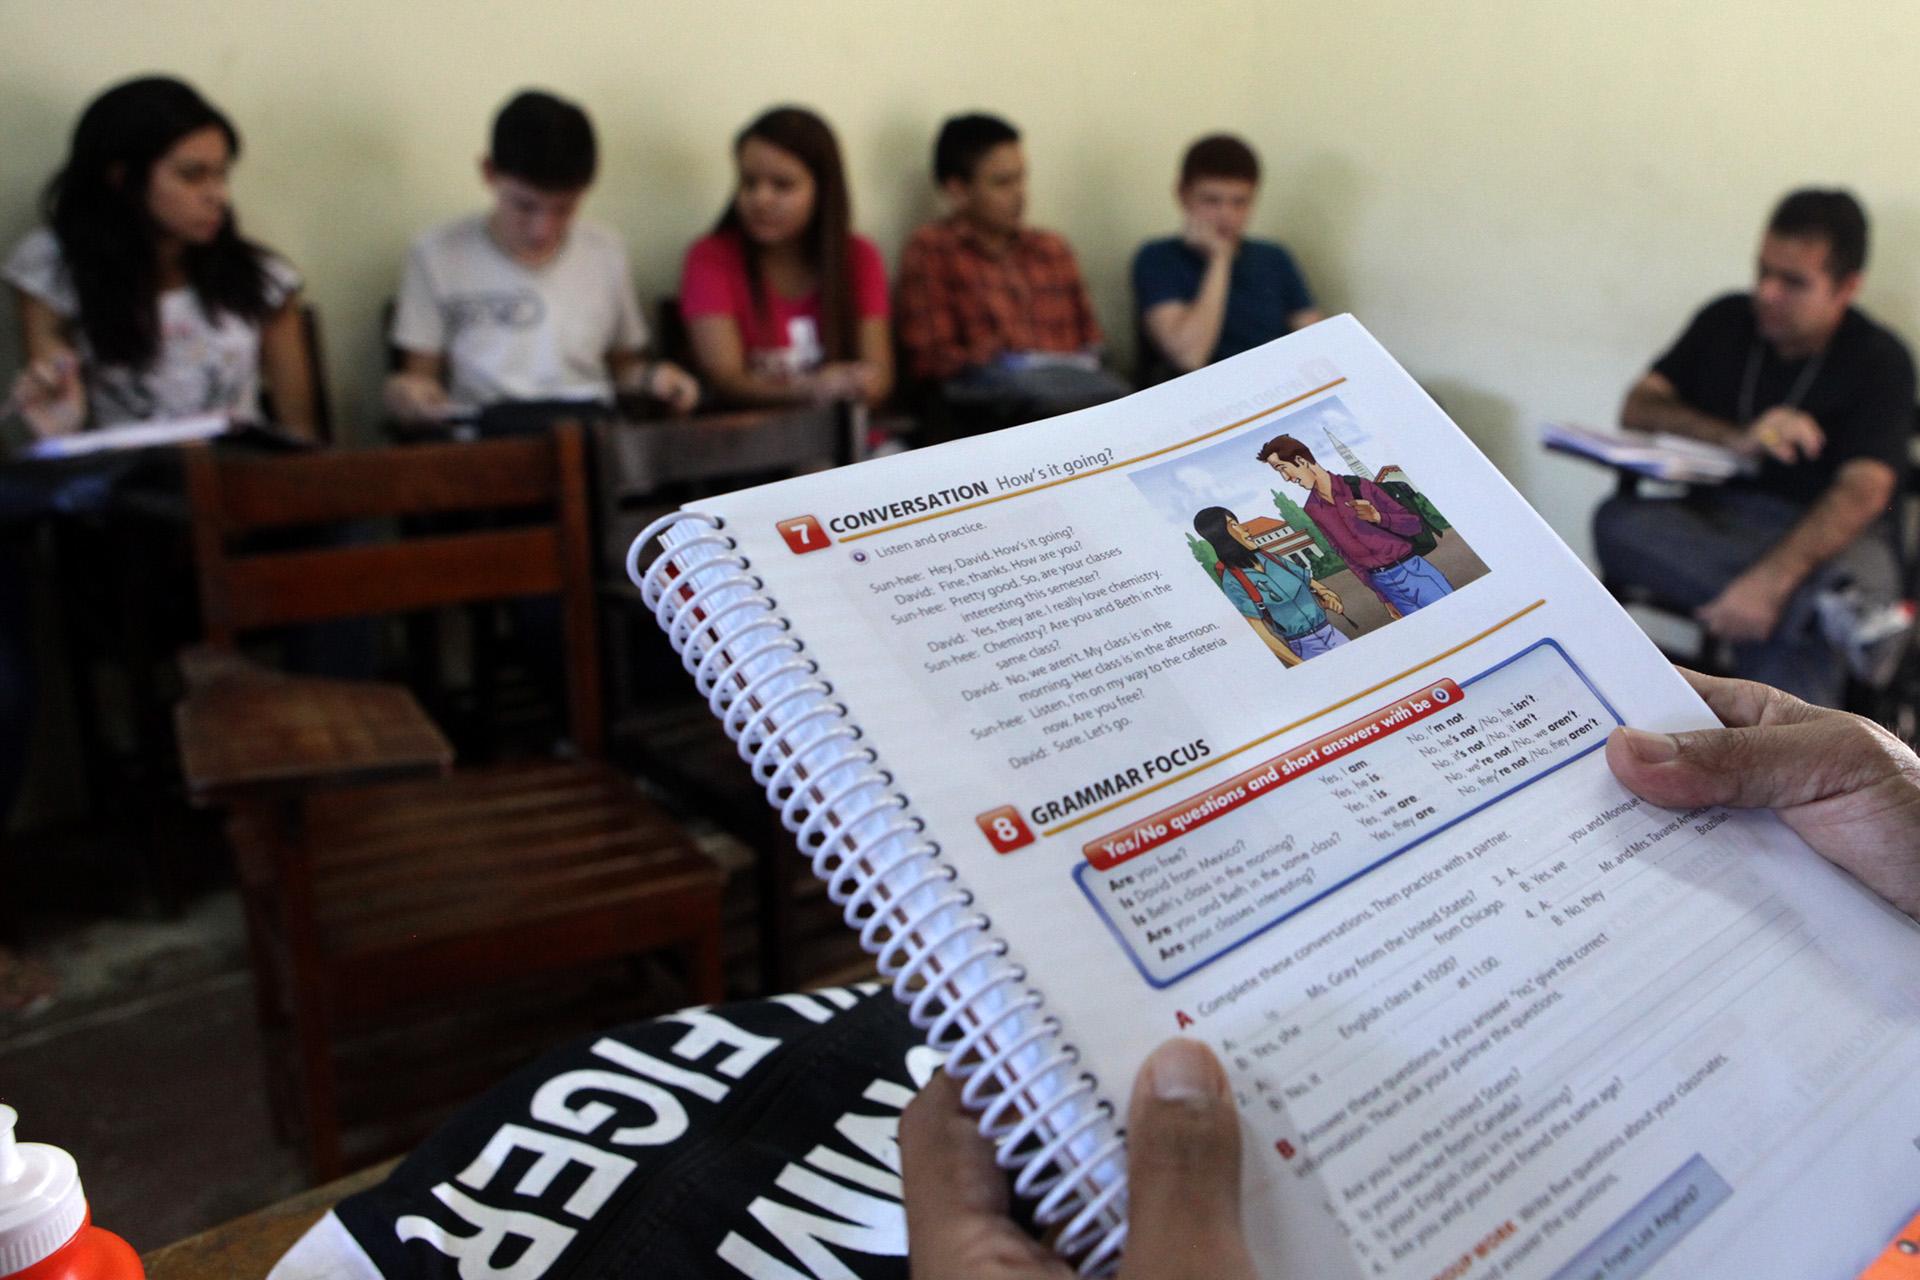 Centro de Línguas do Imparh oferta 720 vagas para novos alunos